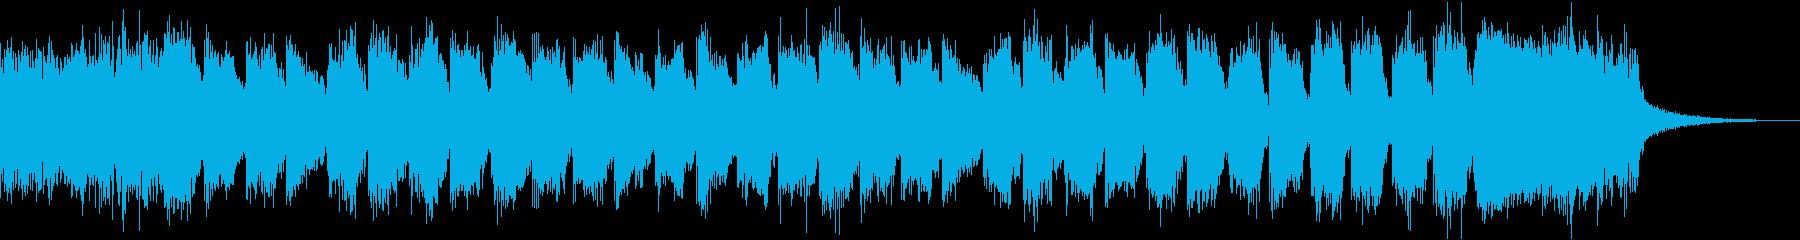 コマーシャルゴージャス派手ブラスロックcの再生済みの波形